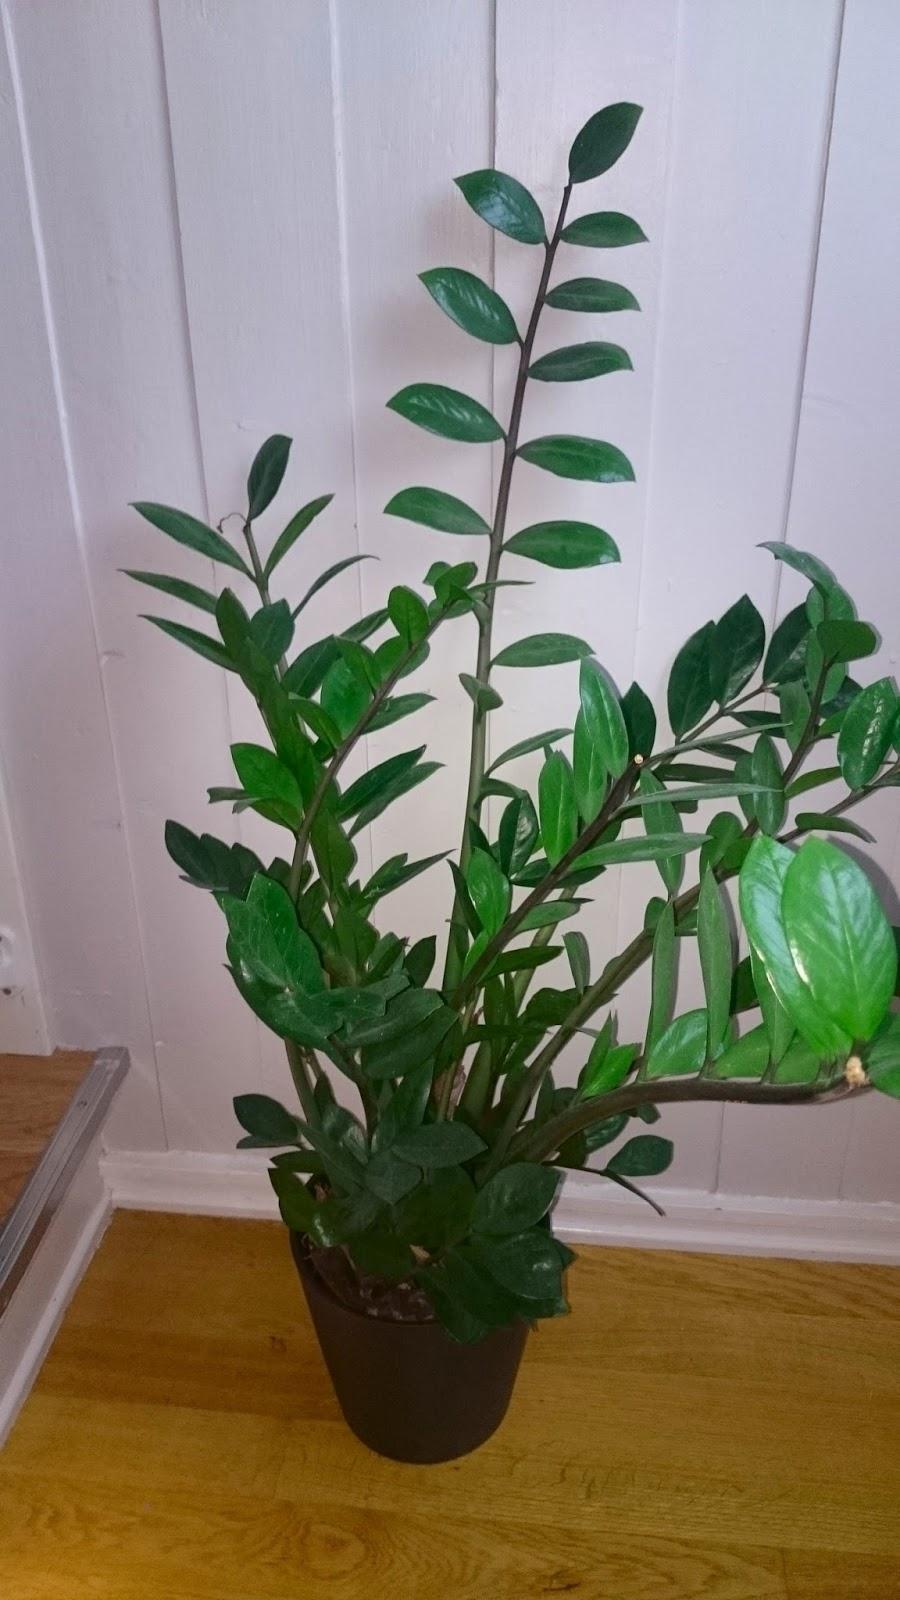 Smaragdpalme giftig kleskab skuffe - Zimmerpflanzen giftig ...